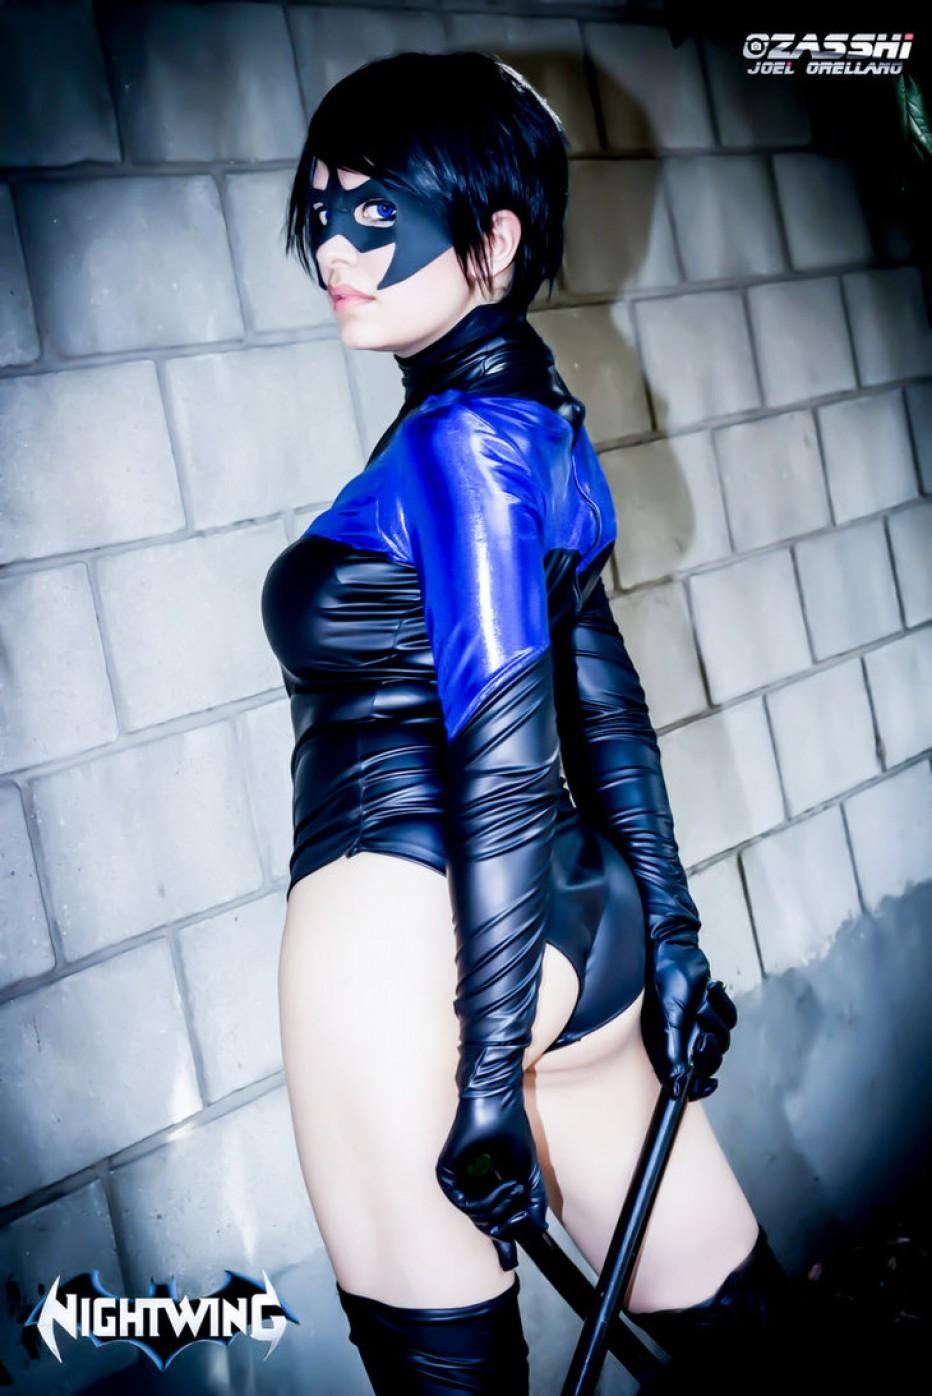 Nightwing-Cosplay-Gamers-Heroes-3.jpg